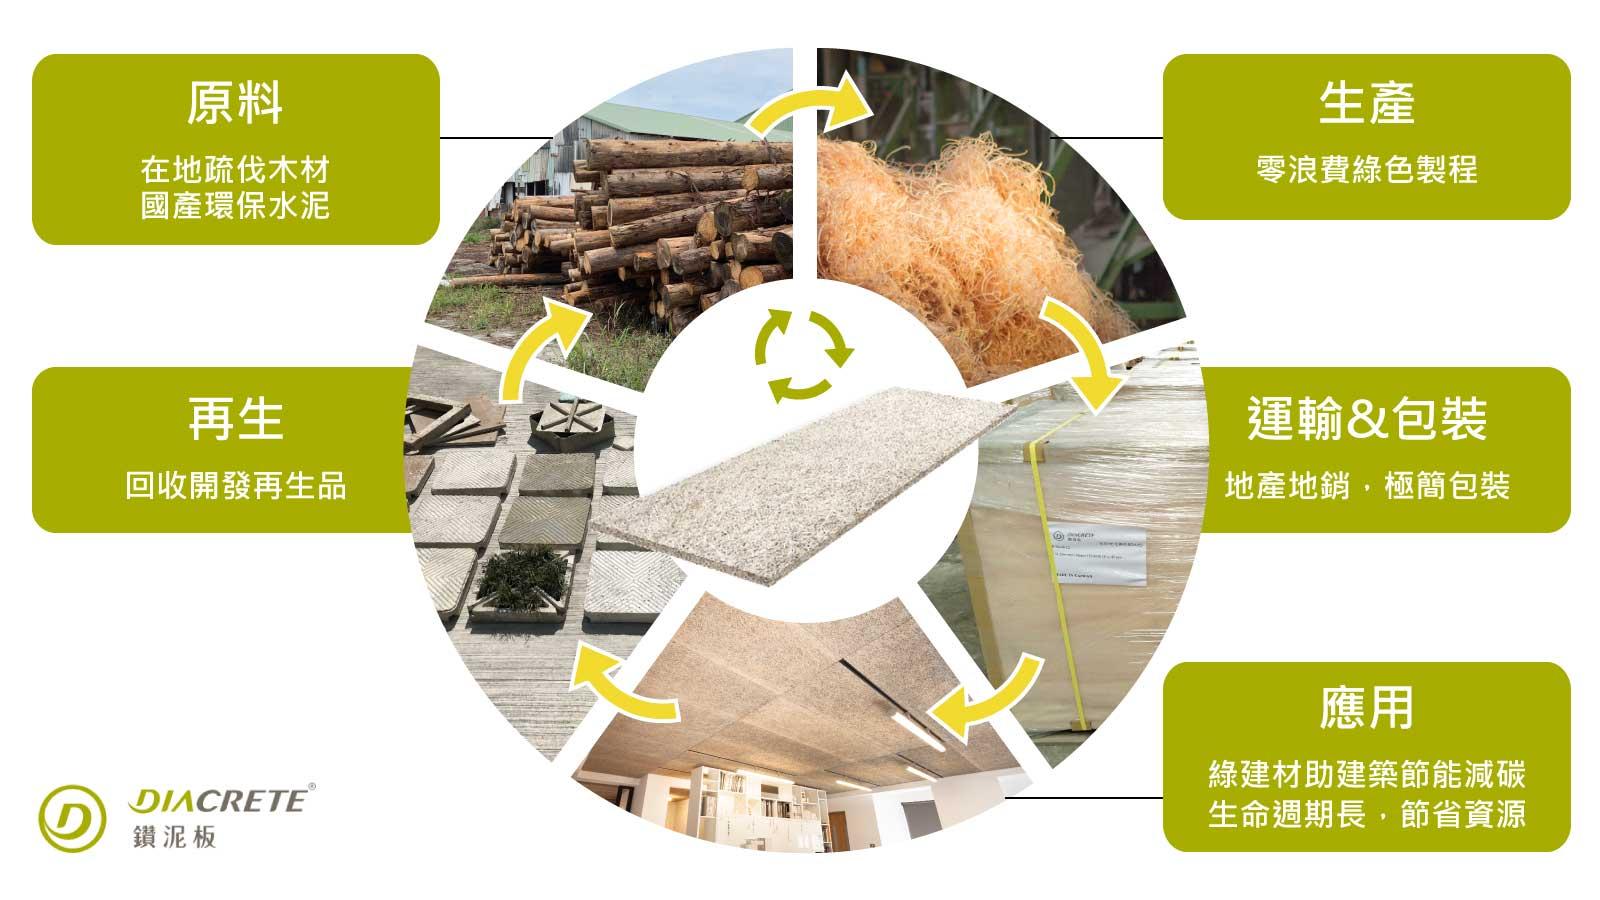 鑽泥板使用後還能再製成其它產品,不斷被循環利用。